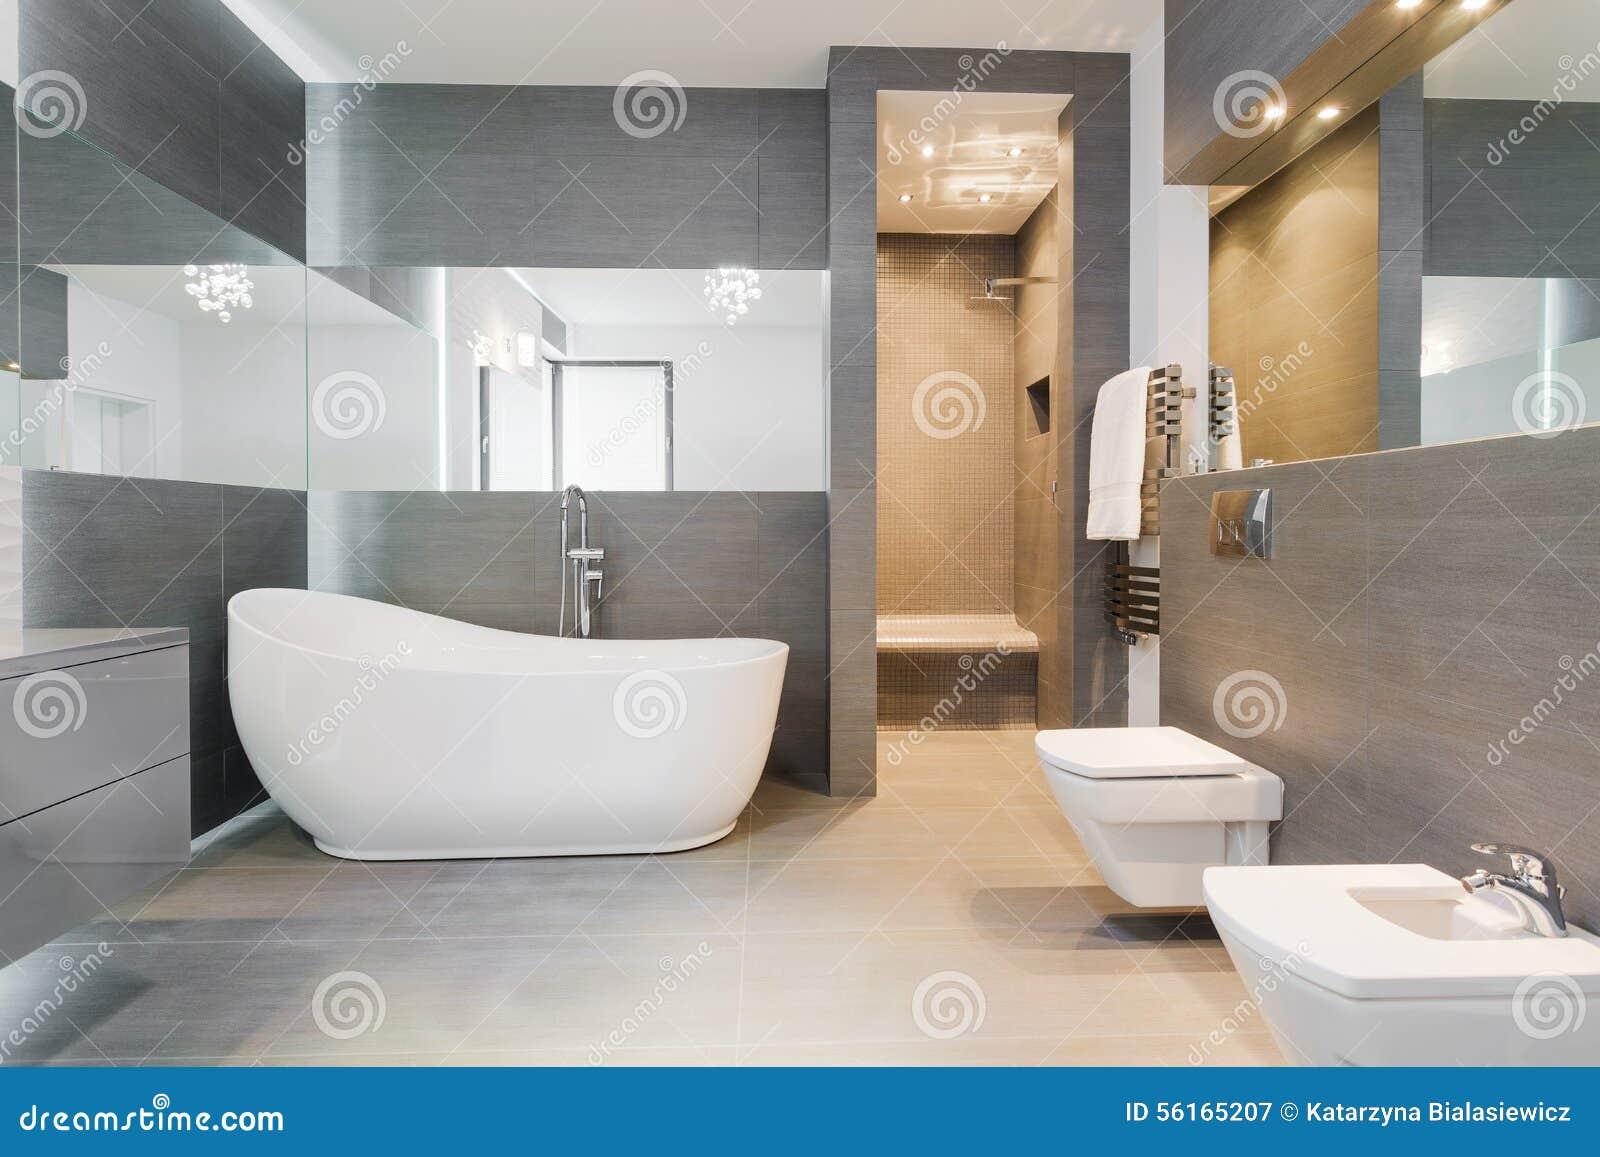 Bain Libre Dans La Salle De Bains Moderne Image Stock Image Du